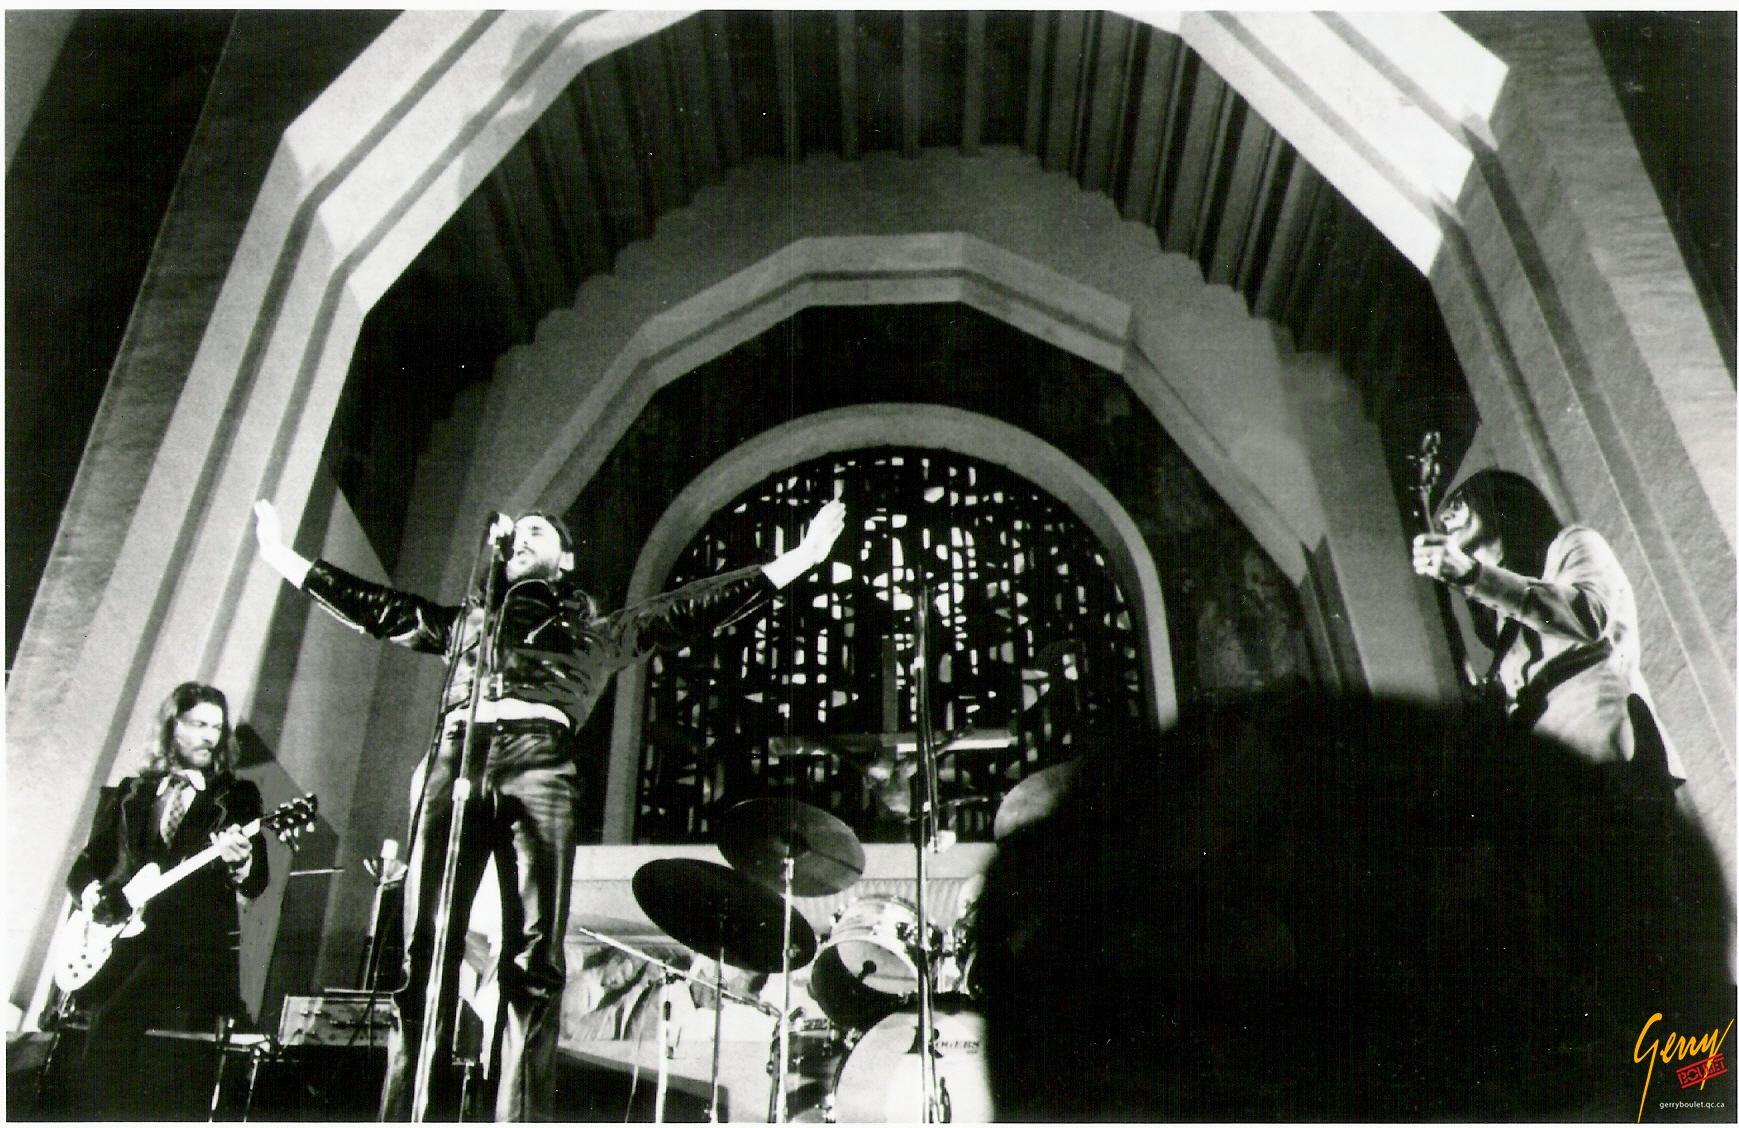 06-offenbach 4 a l'oratoire-30 novembre 1972